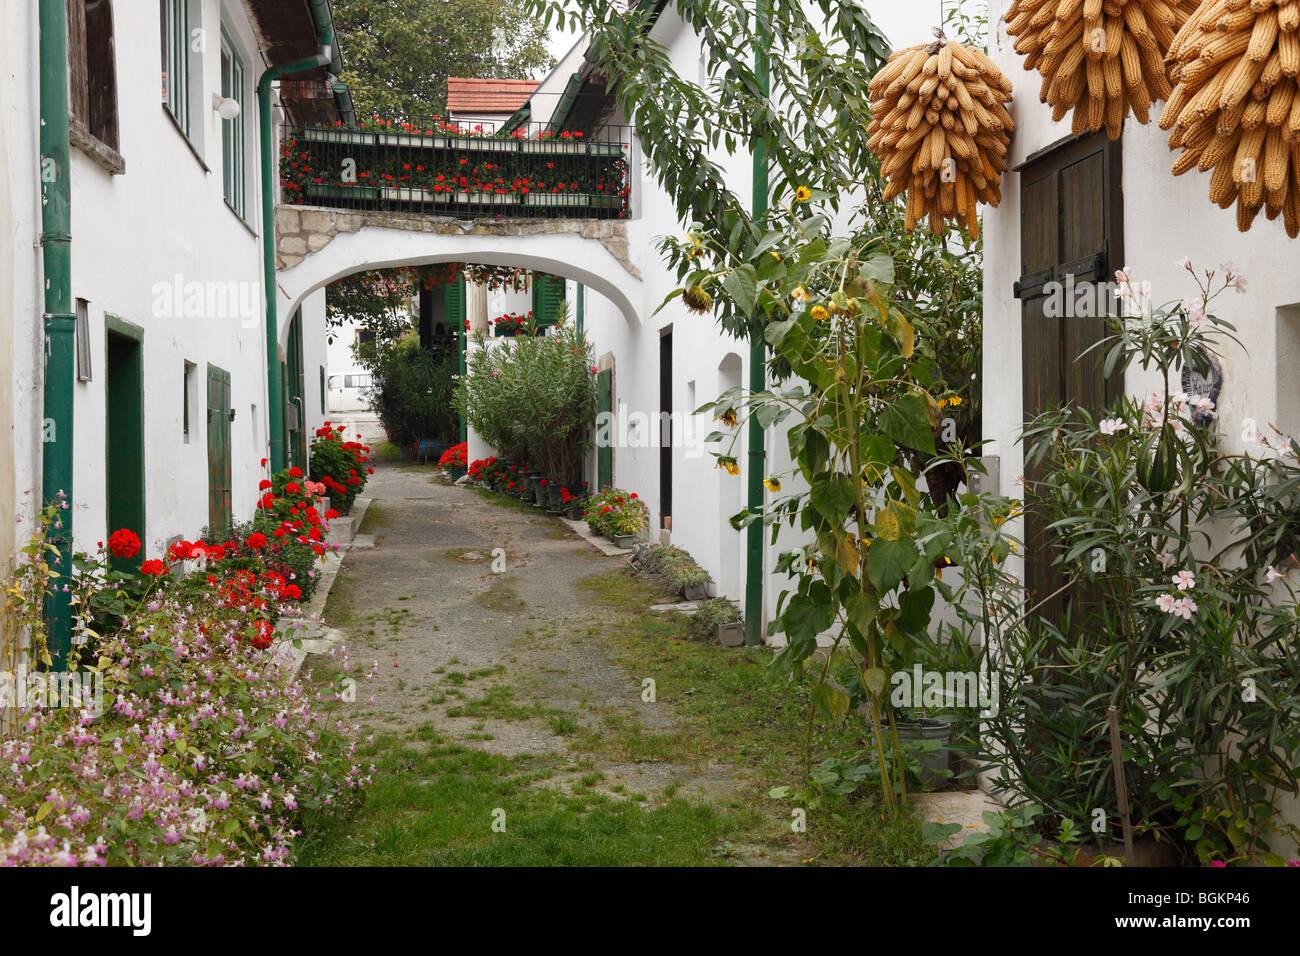 Alley in Moerbisch am See, Neusiedler See, Burgenland, Austria, Europe Stock Photo